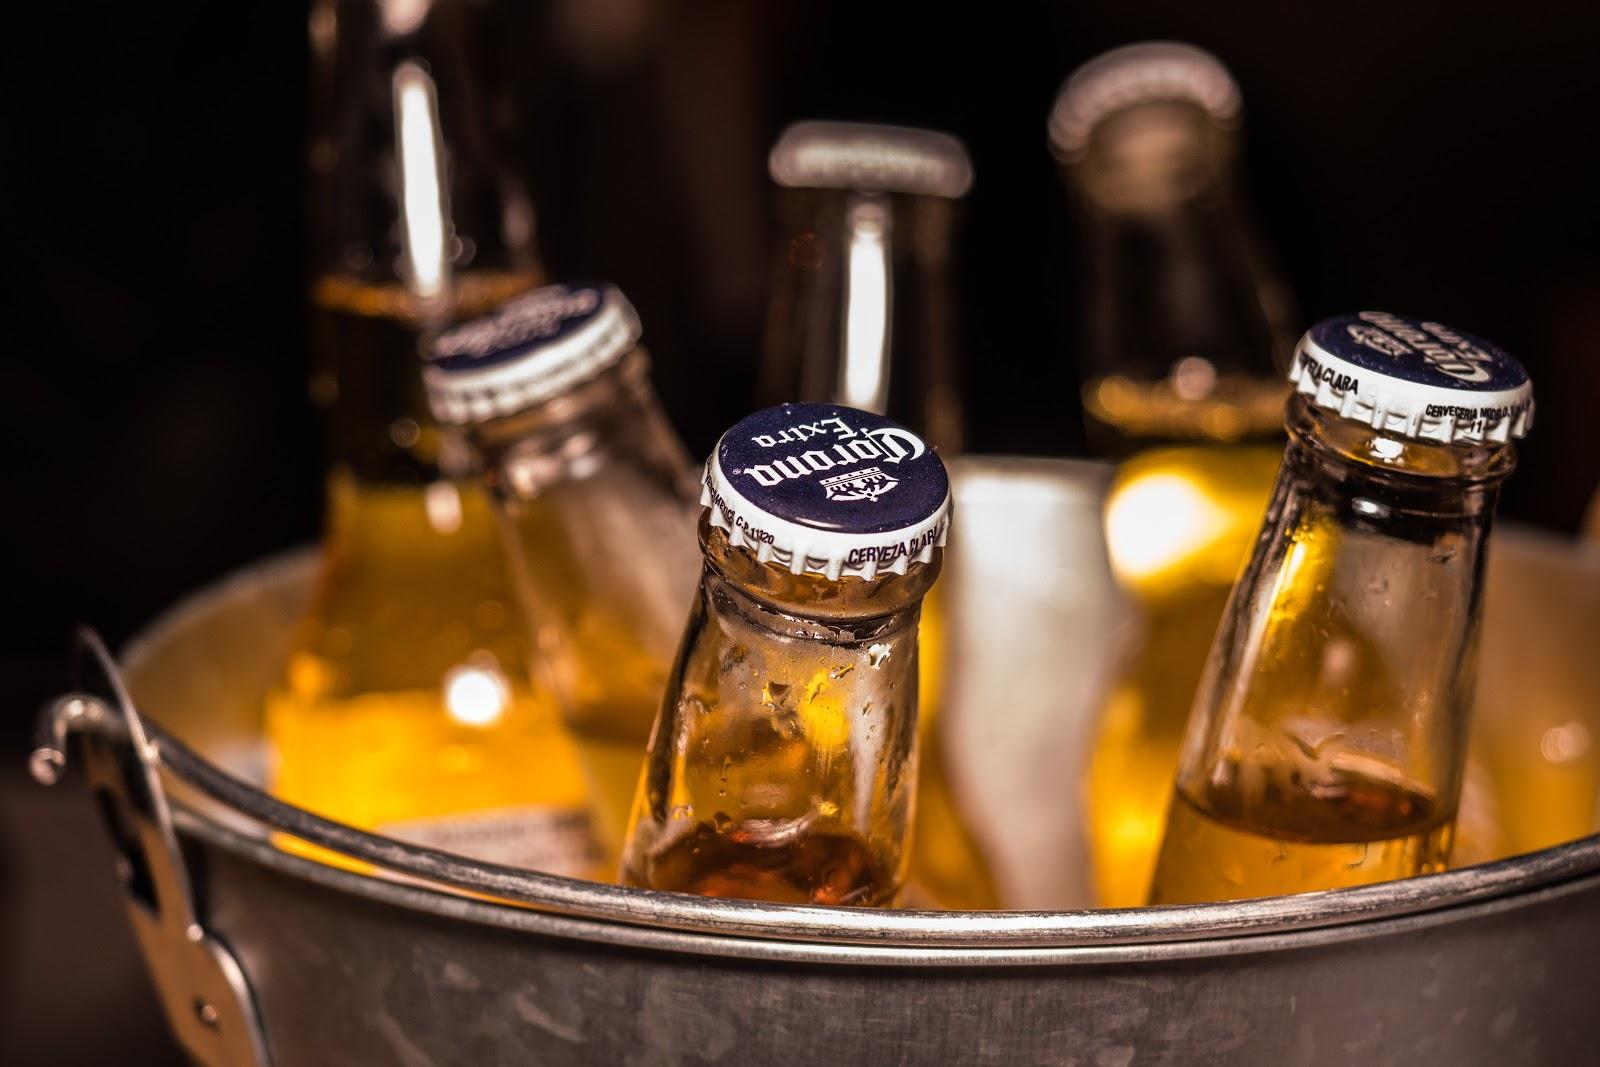 בירות בתוך מתקן  דלי שמפניה בקבוקים